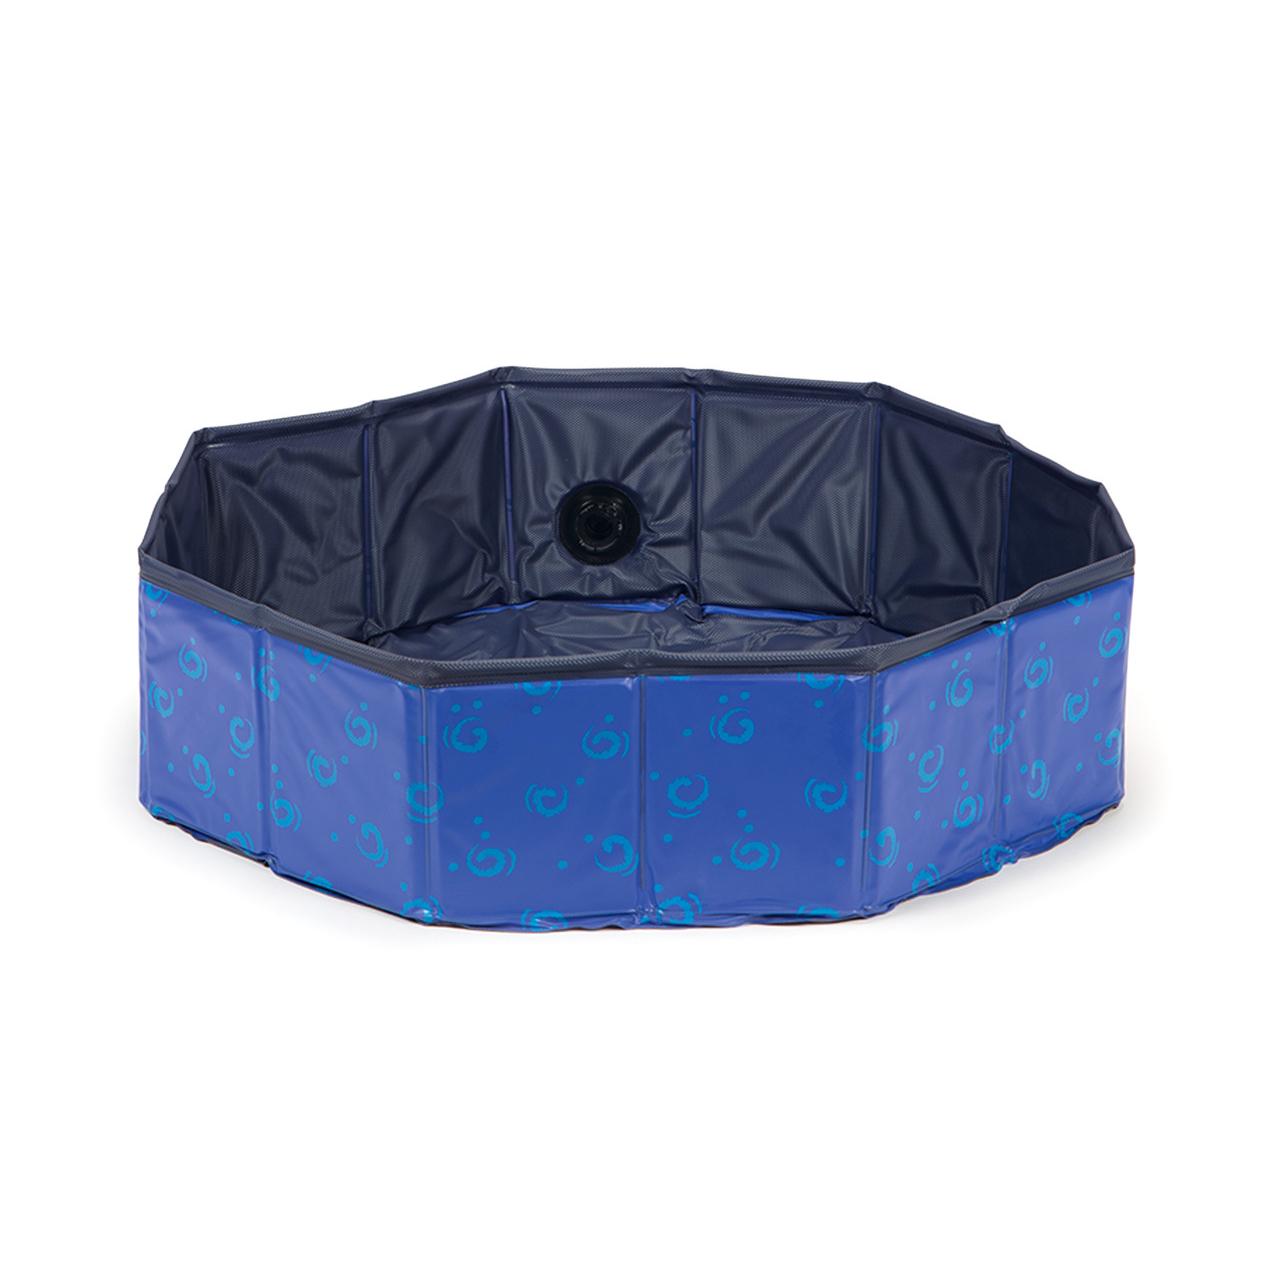 Karlie Doggy Pool, blau - H: 30 cm ø: 160 cm